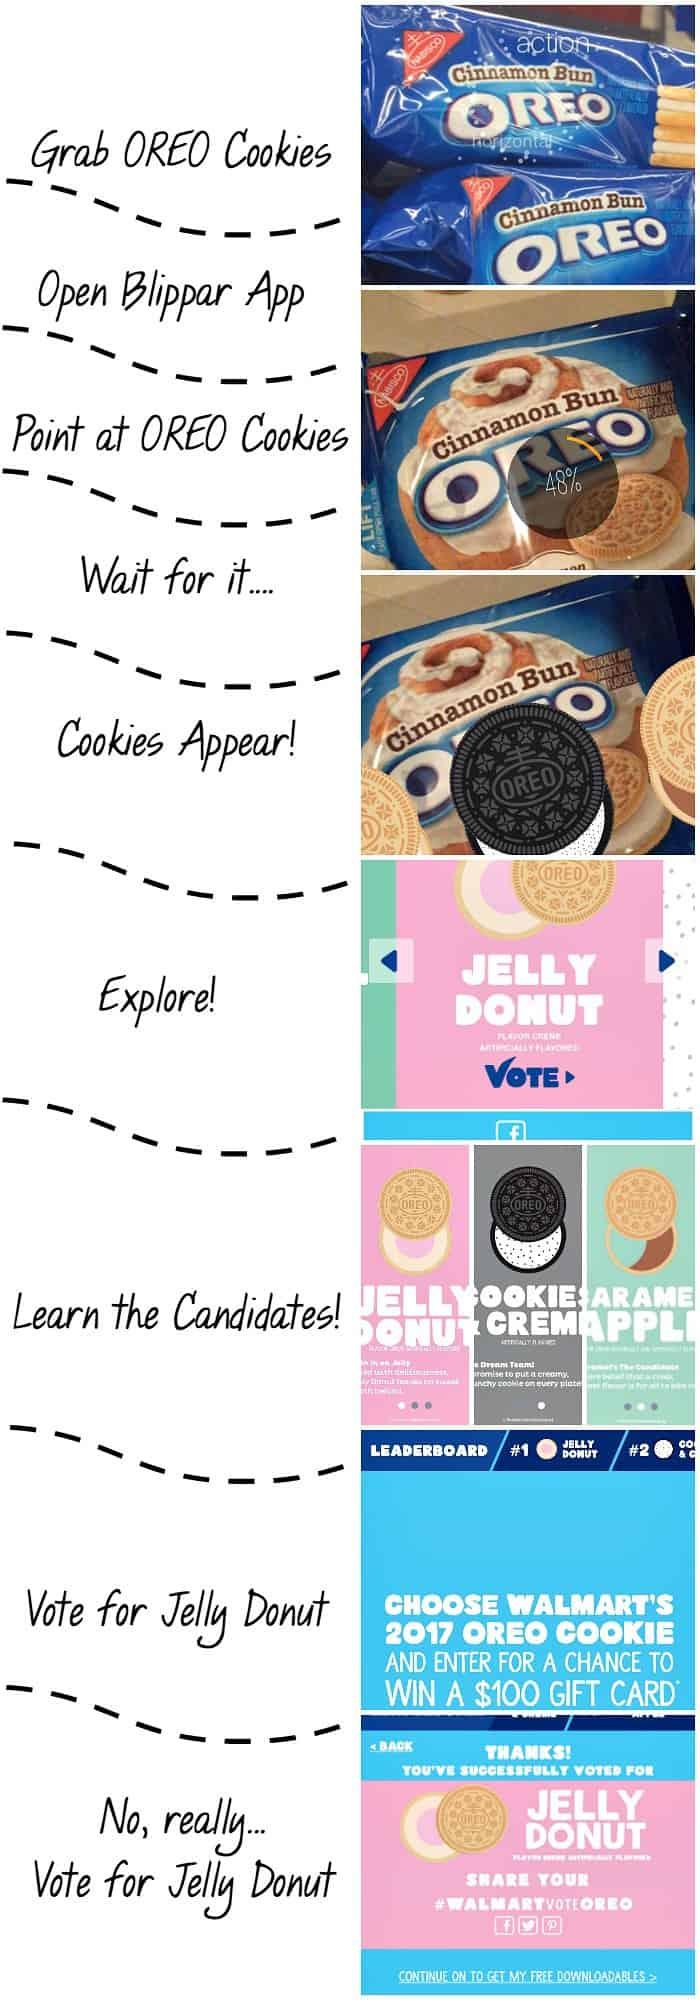 Blippar App tutorial Vote for Jelly Donut tutorial